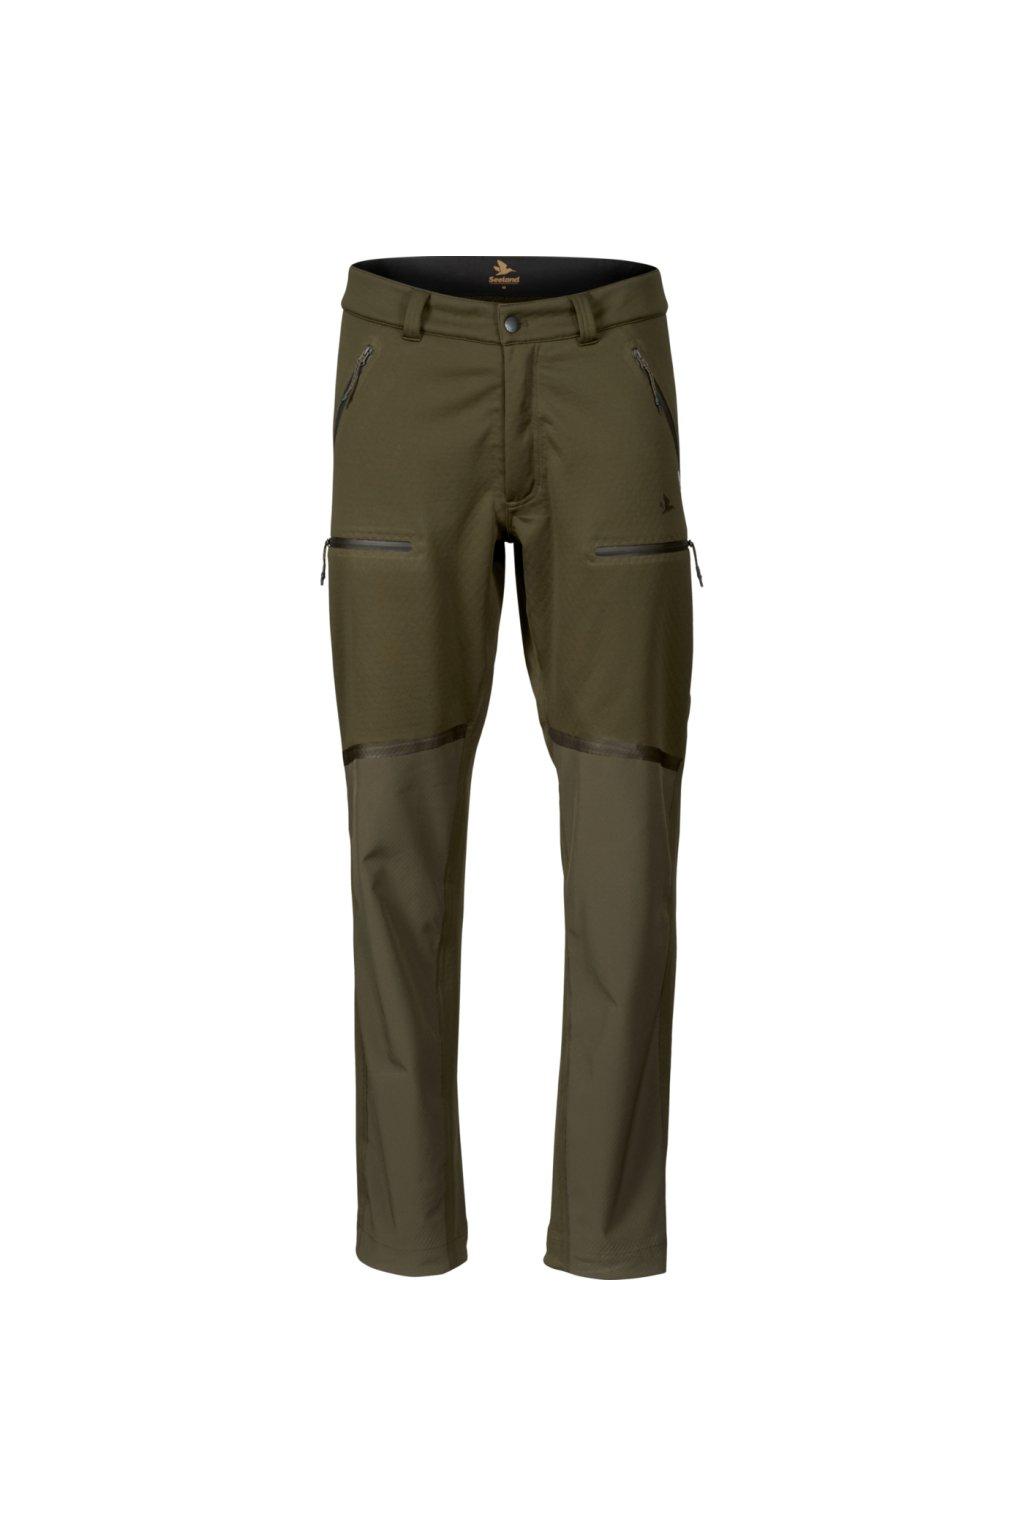 Seeland - Hawker advance pánské kalhoty